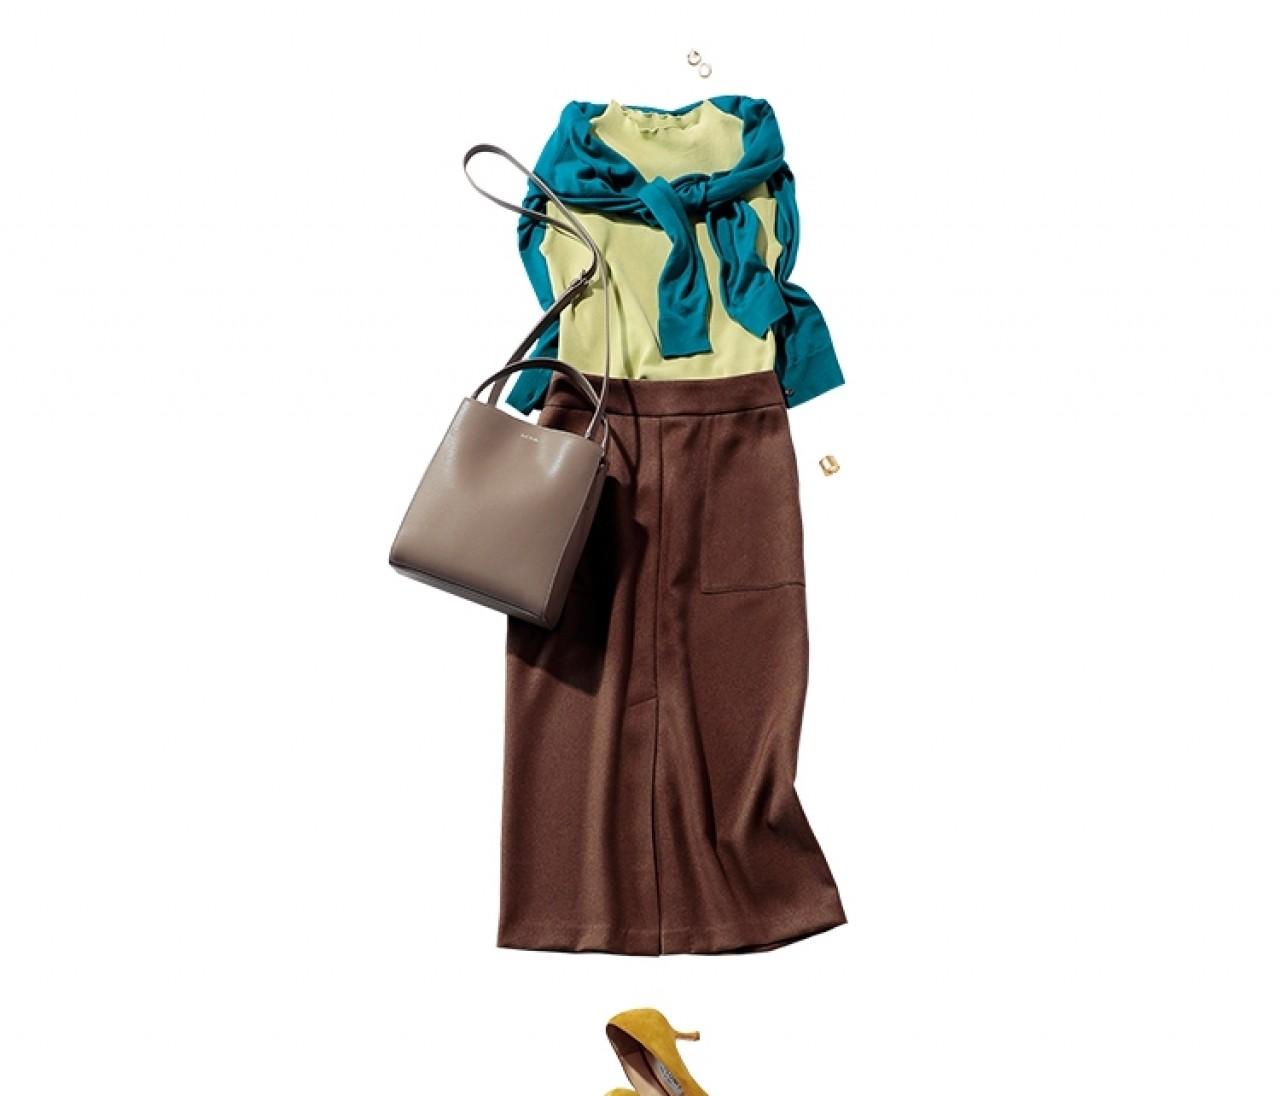 おしゃれを頑張りたい日は、夏色&秋色をMIXした洗練スカートスタイルを!【2019/9/5のコーデ】